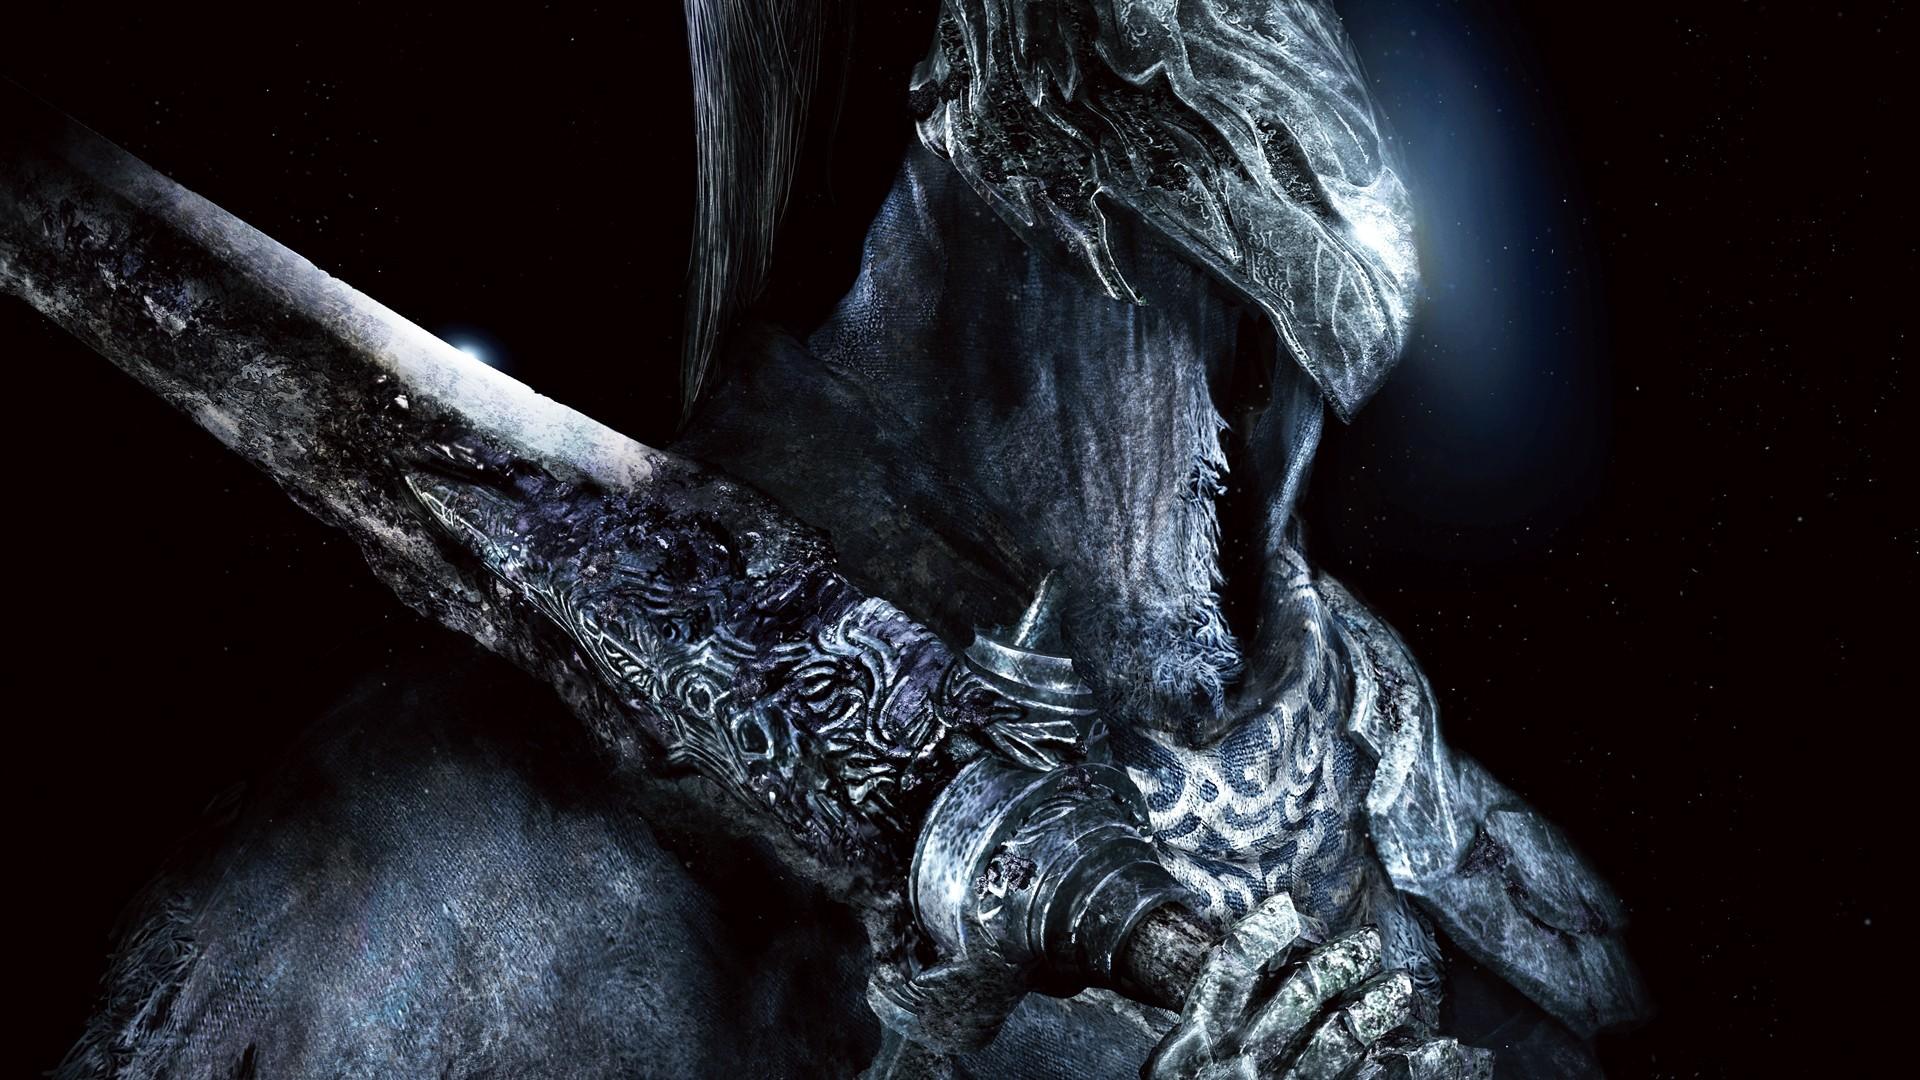 Dark Souls Ii Wallpapers Pictures Images